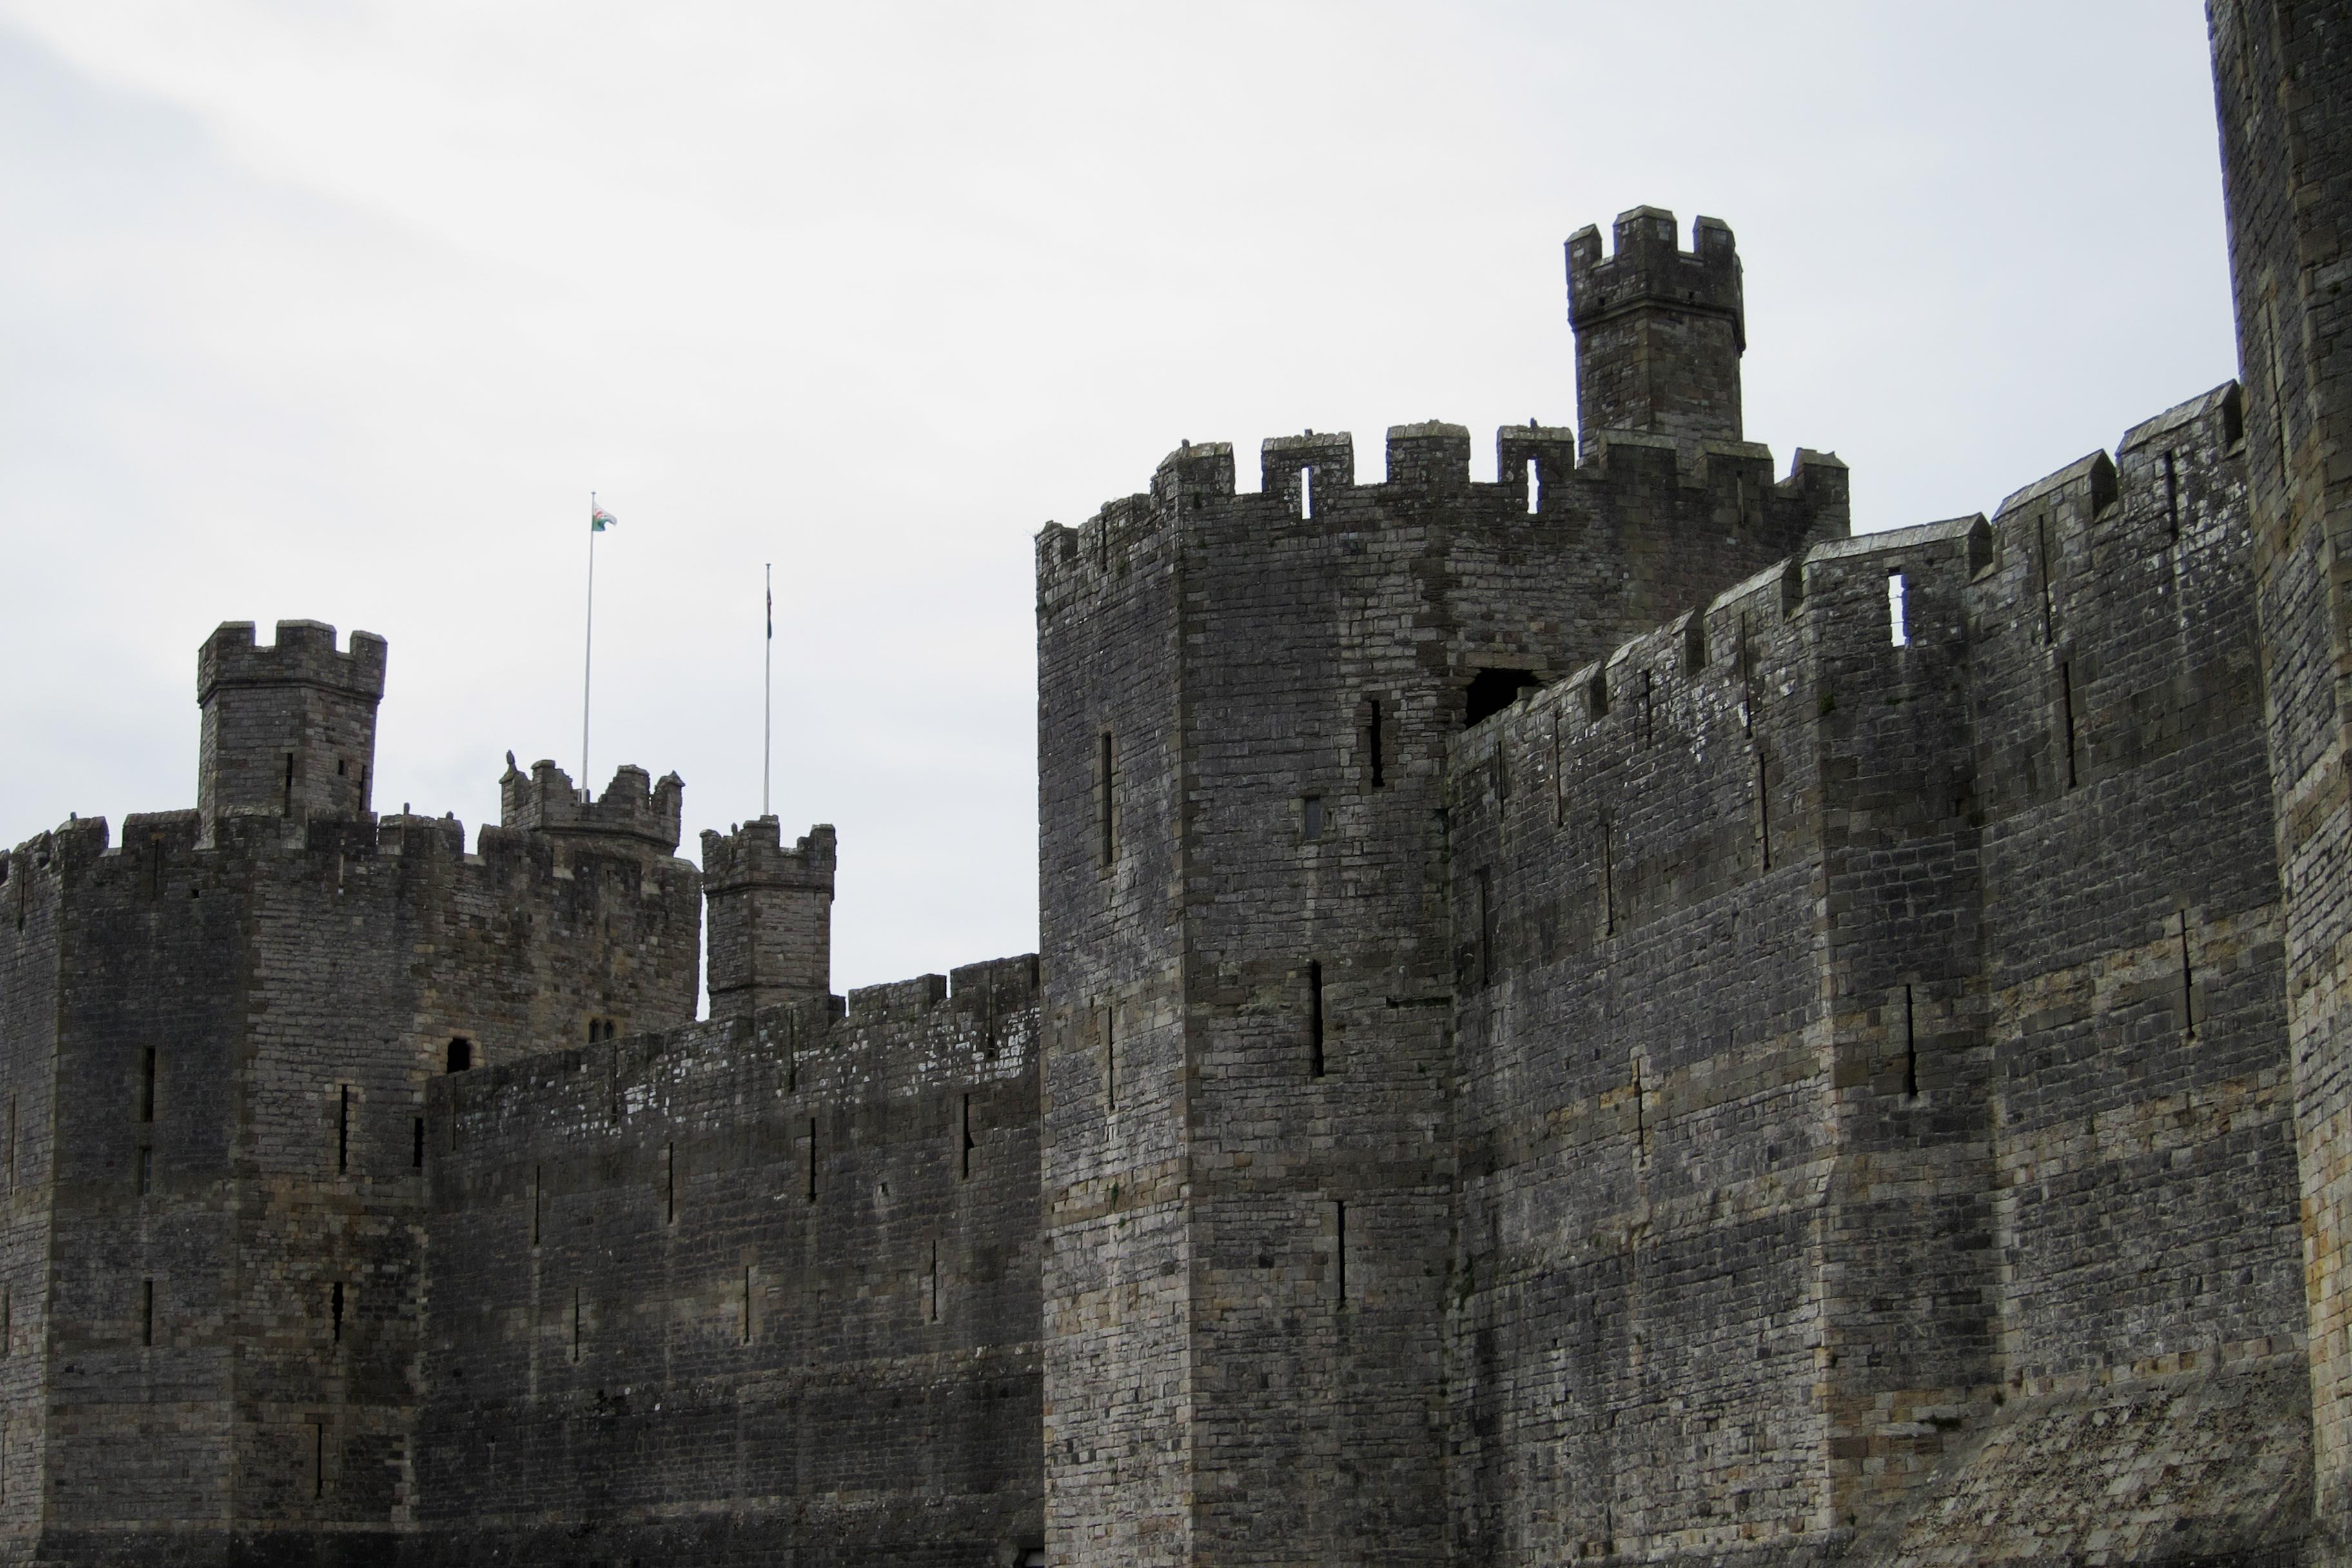 Dark castle walls reaching in the sky